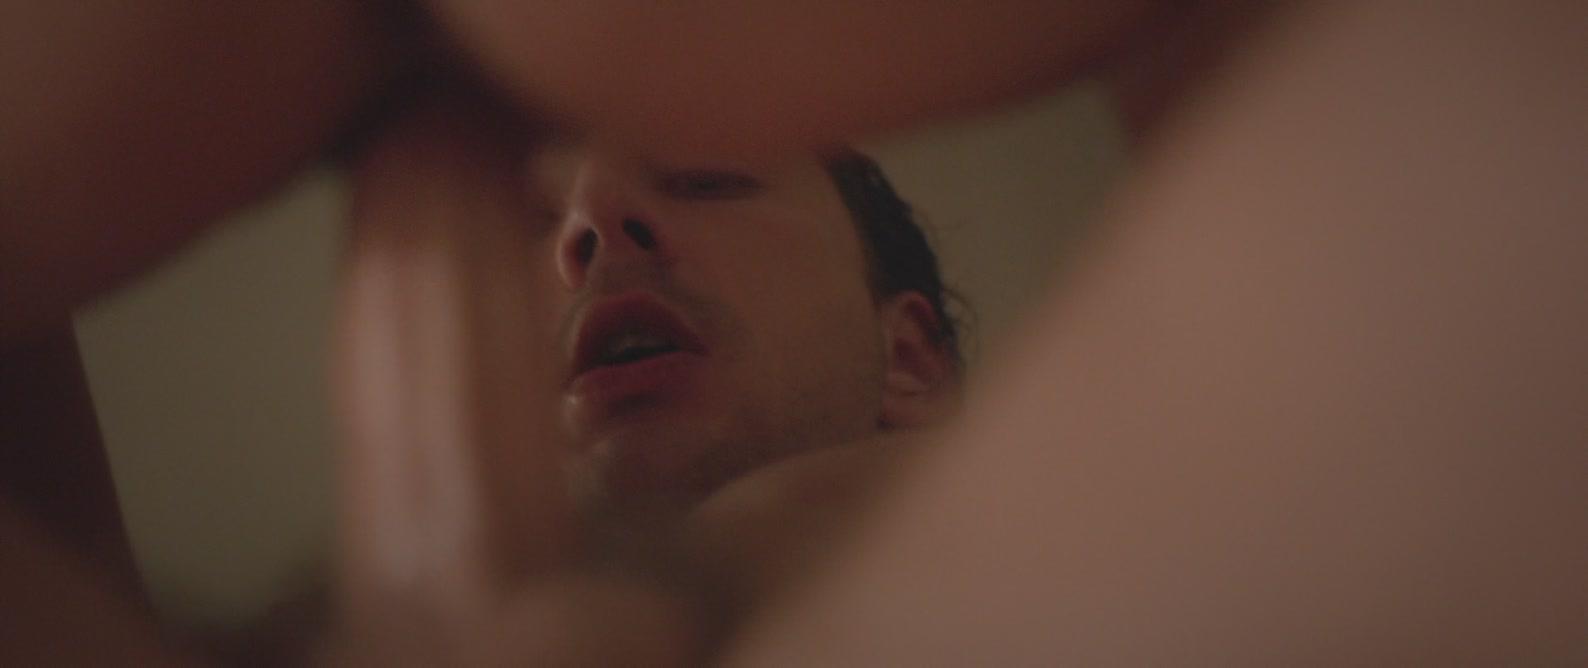 shia-labeouf-nymphomaniac-sex-scene-sweet-anal-story